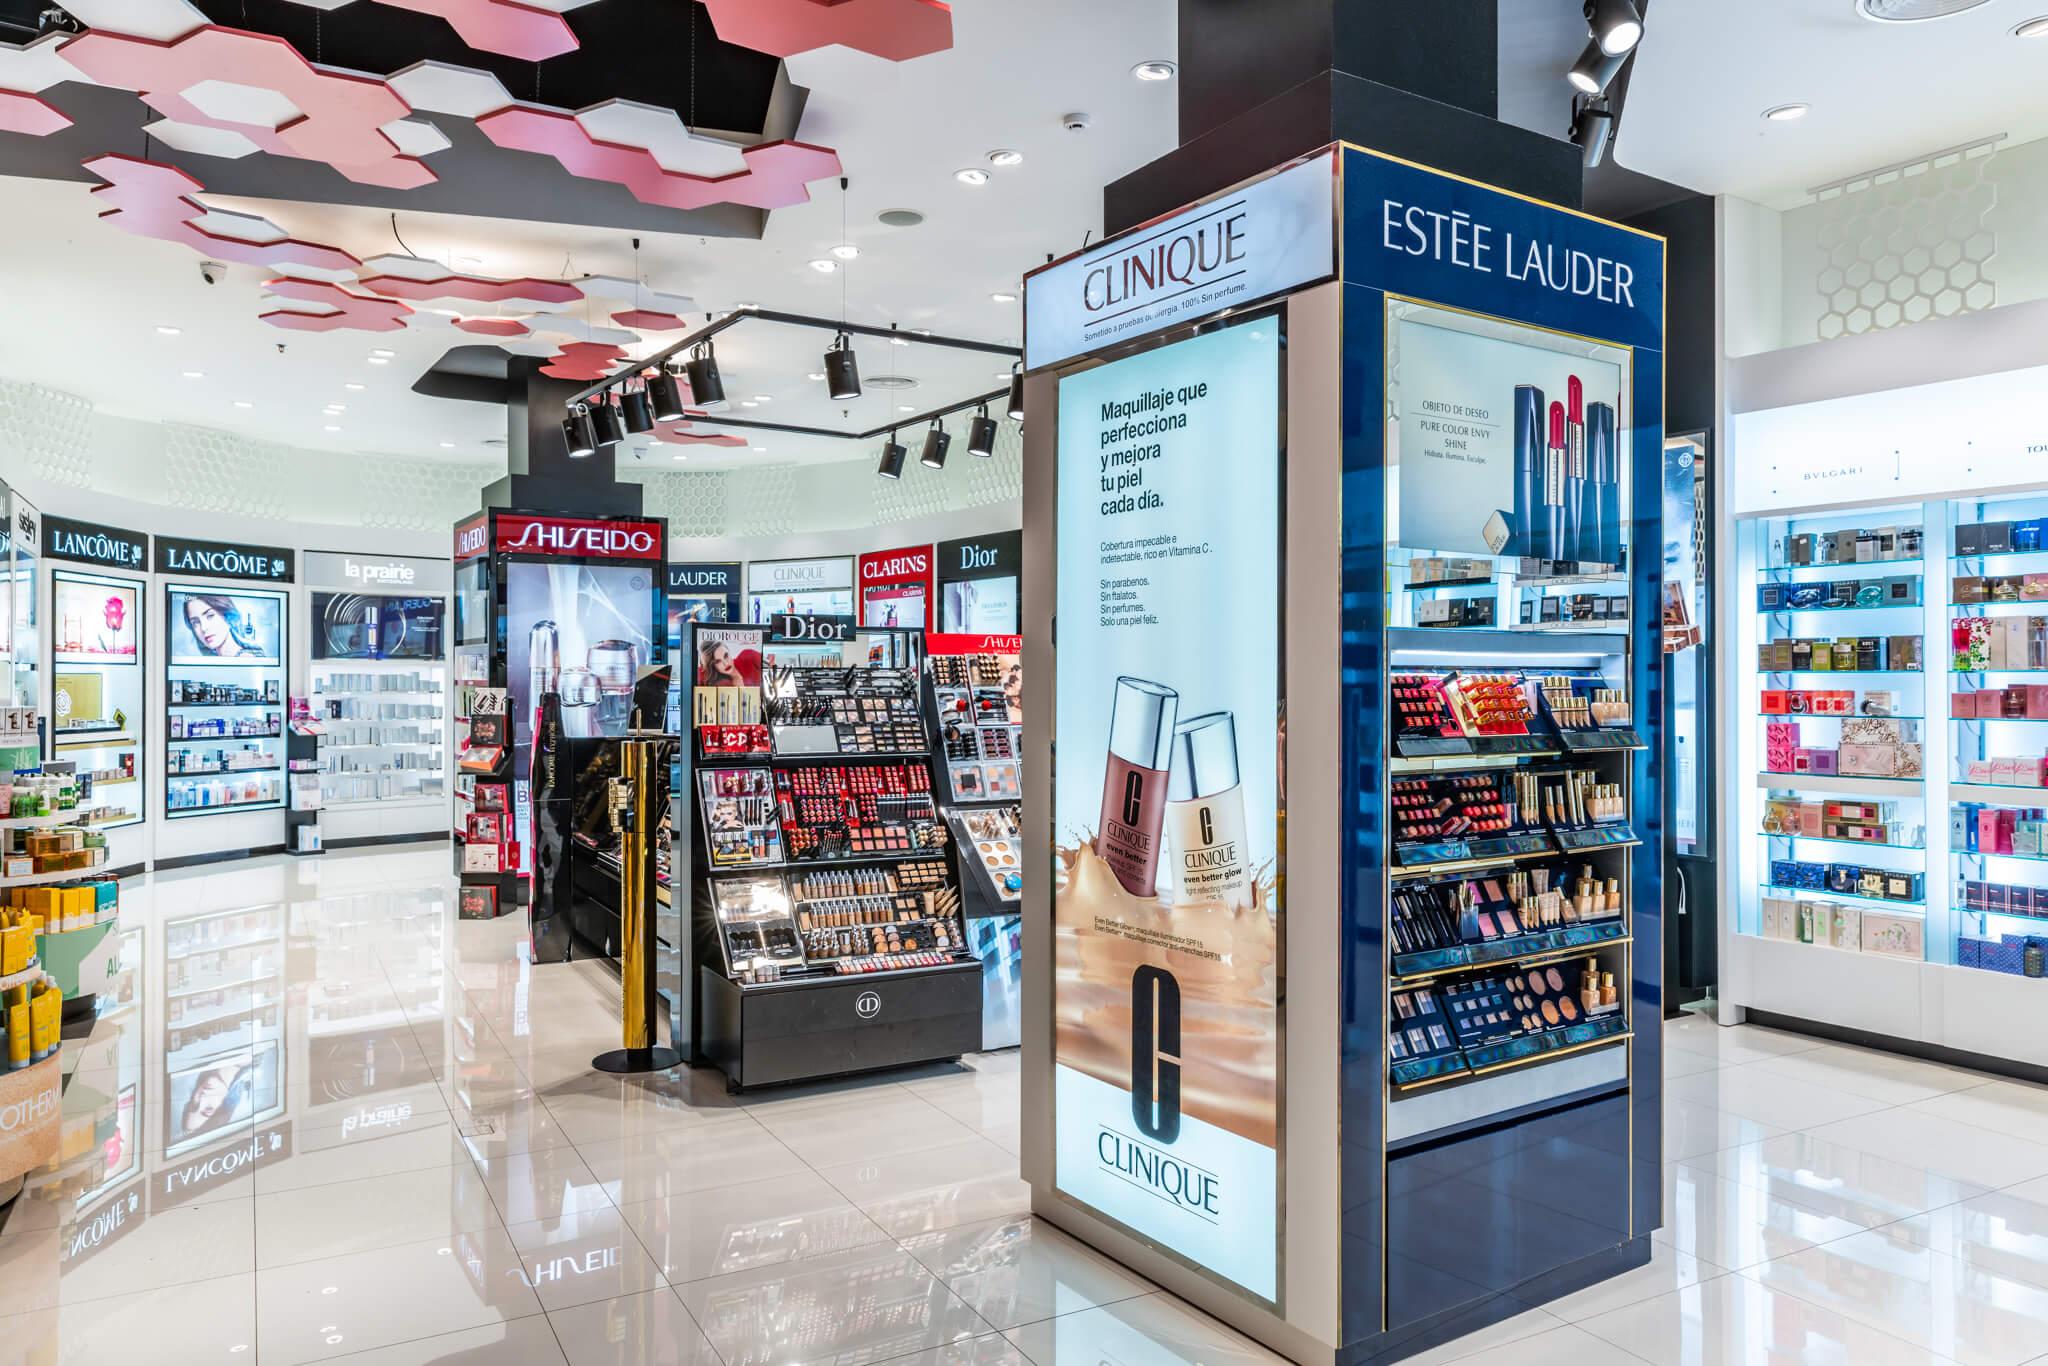 Perfumería Siam (Sabina). Columna Estel Lauder, Shiseido (atrás) expositores colorido